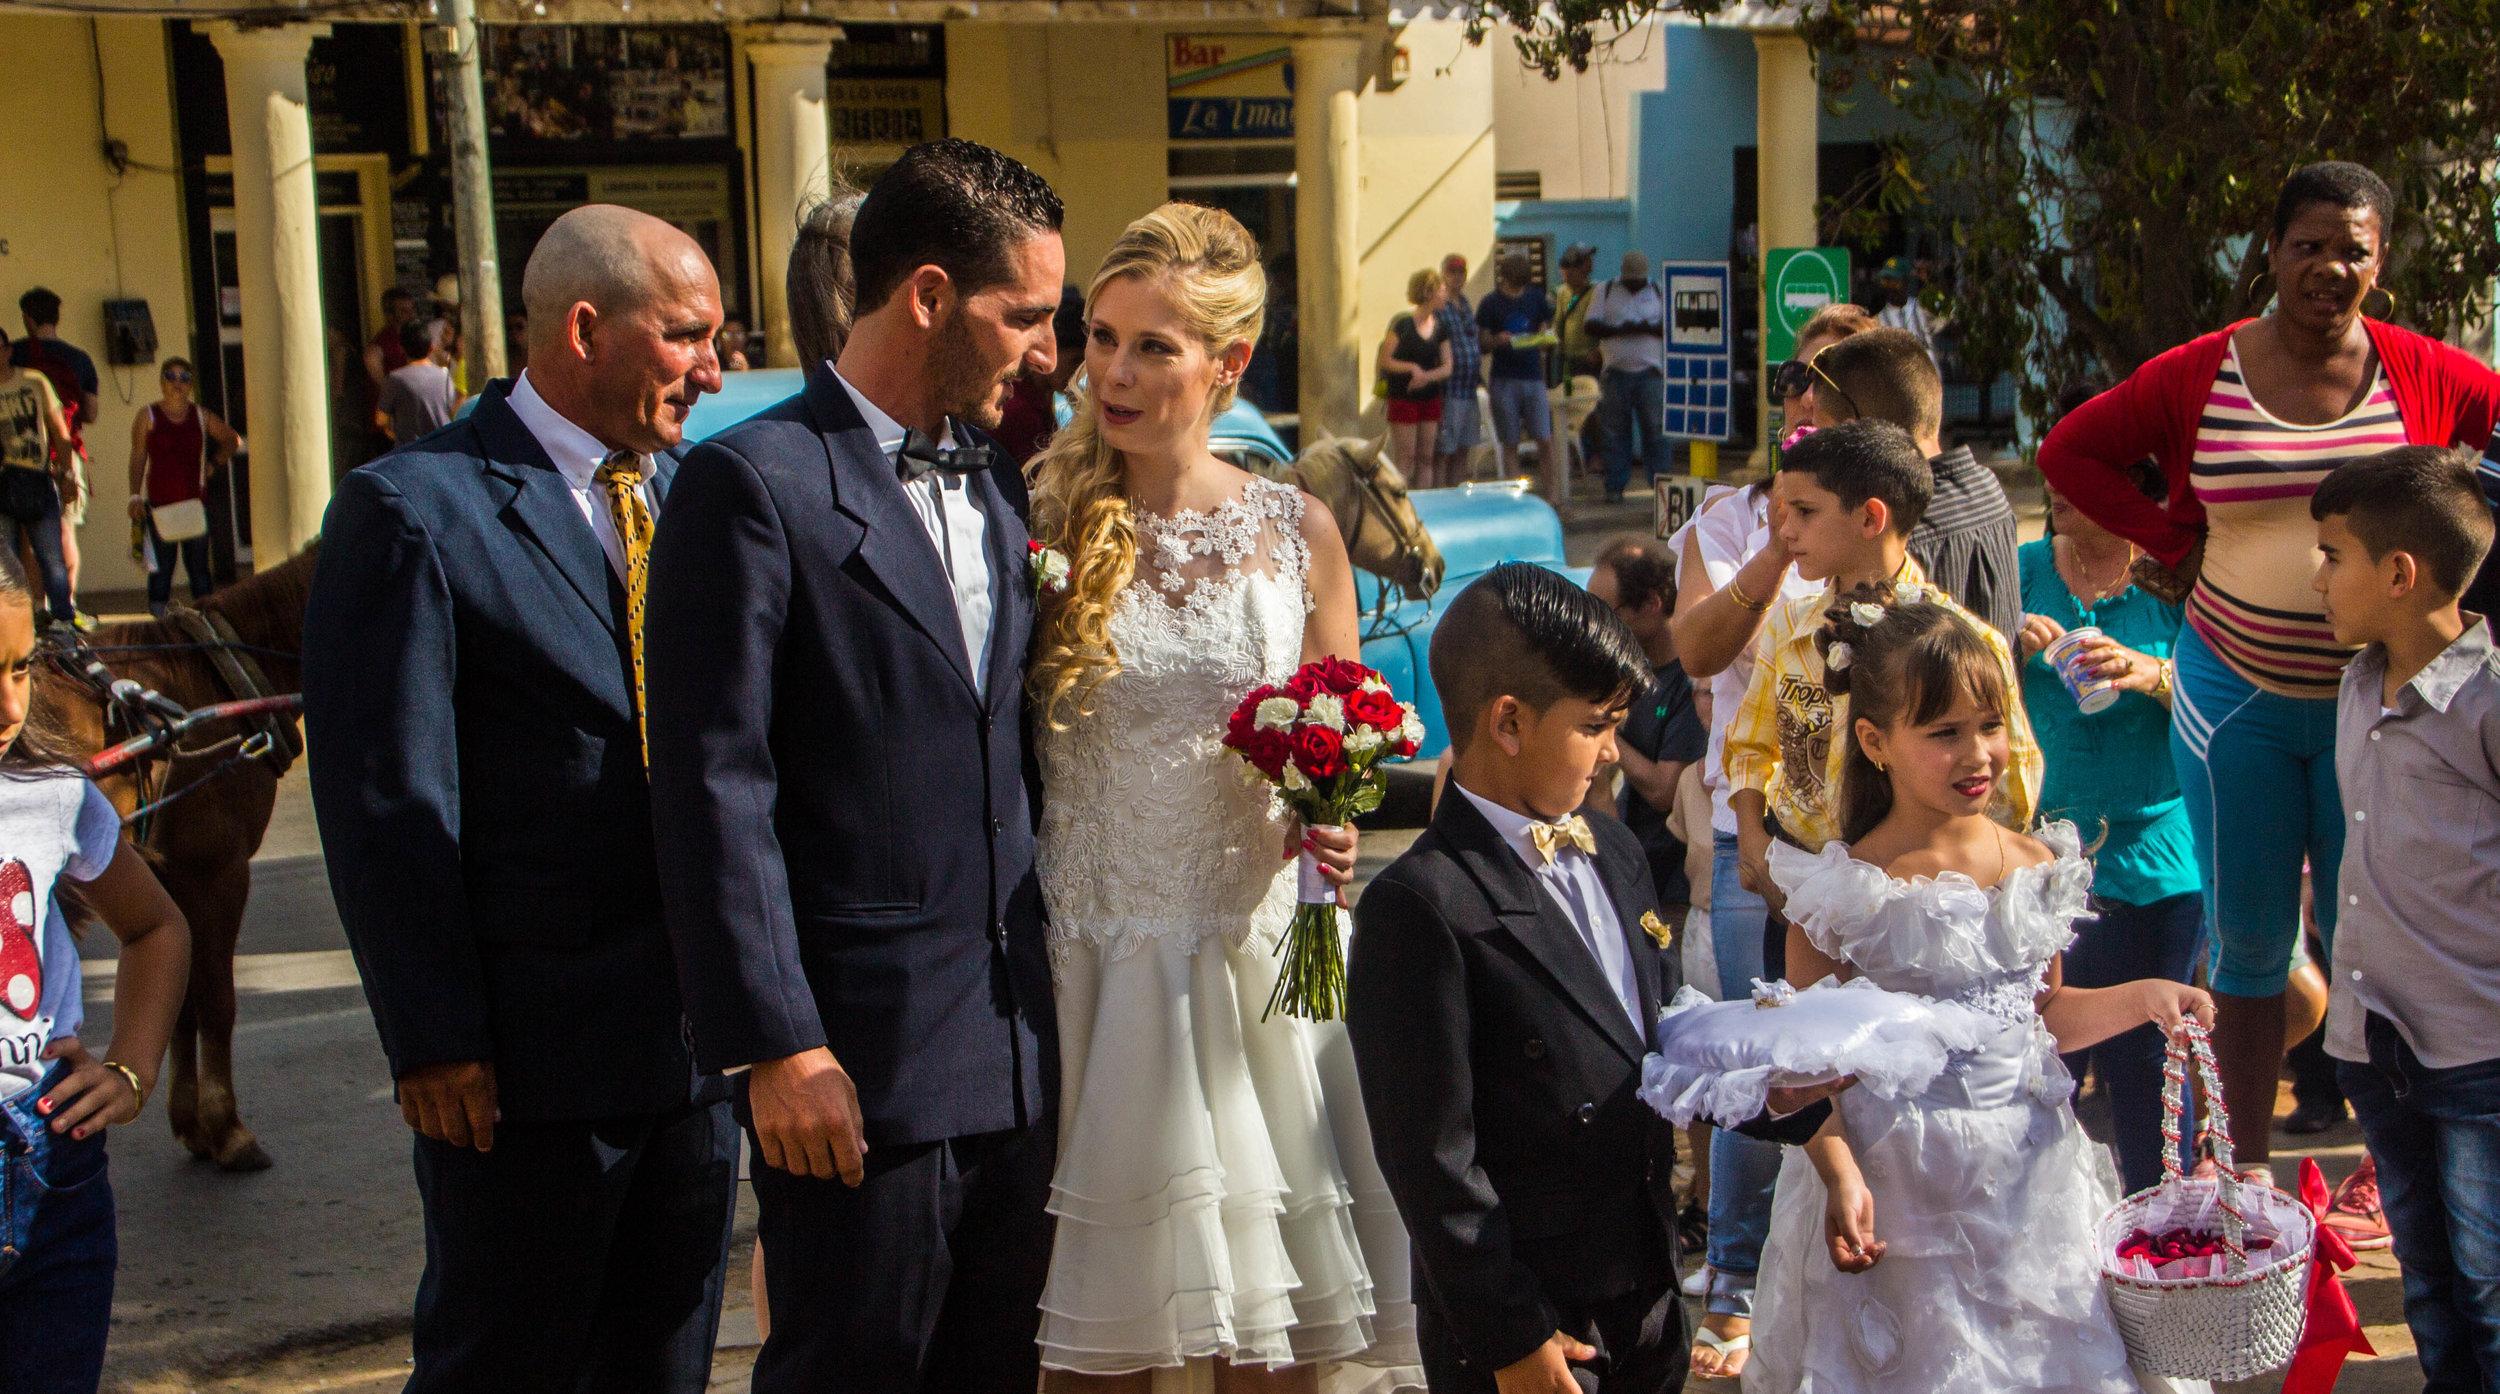 cuban wedding viñales cuba-1-4-2.jpg